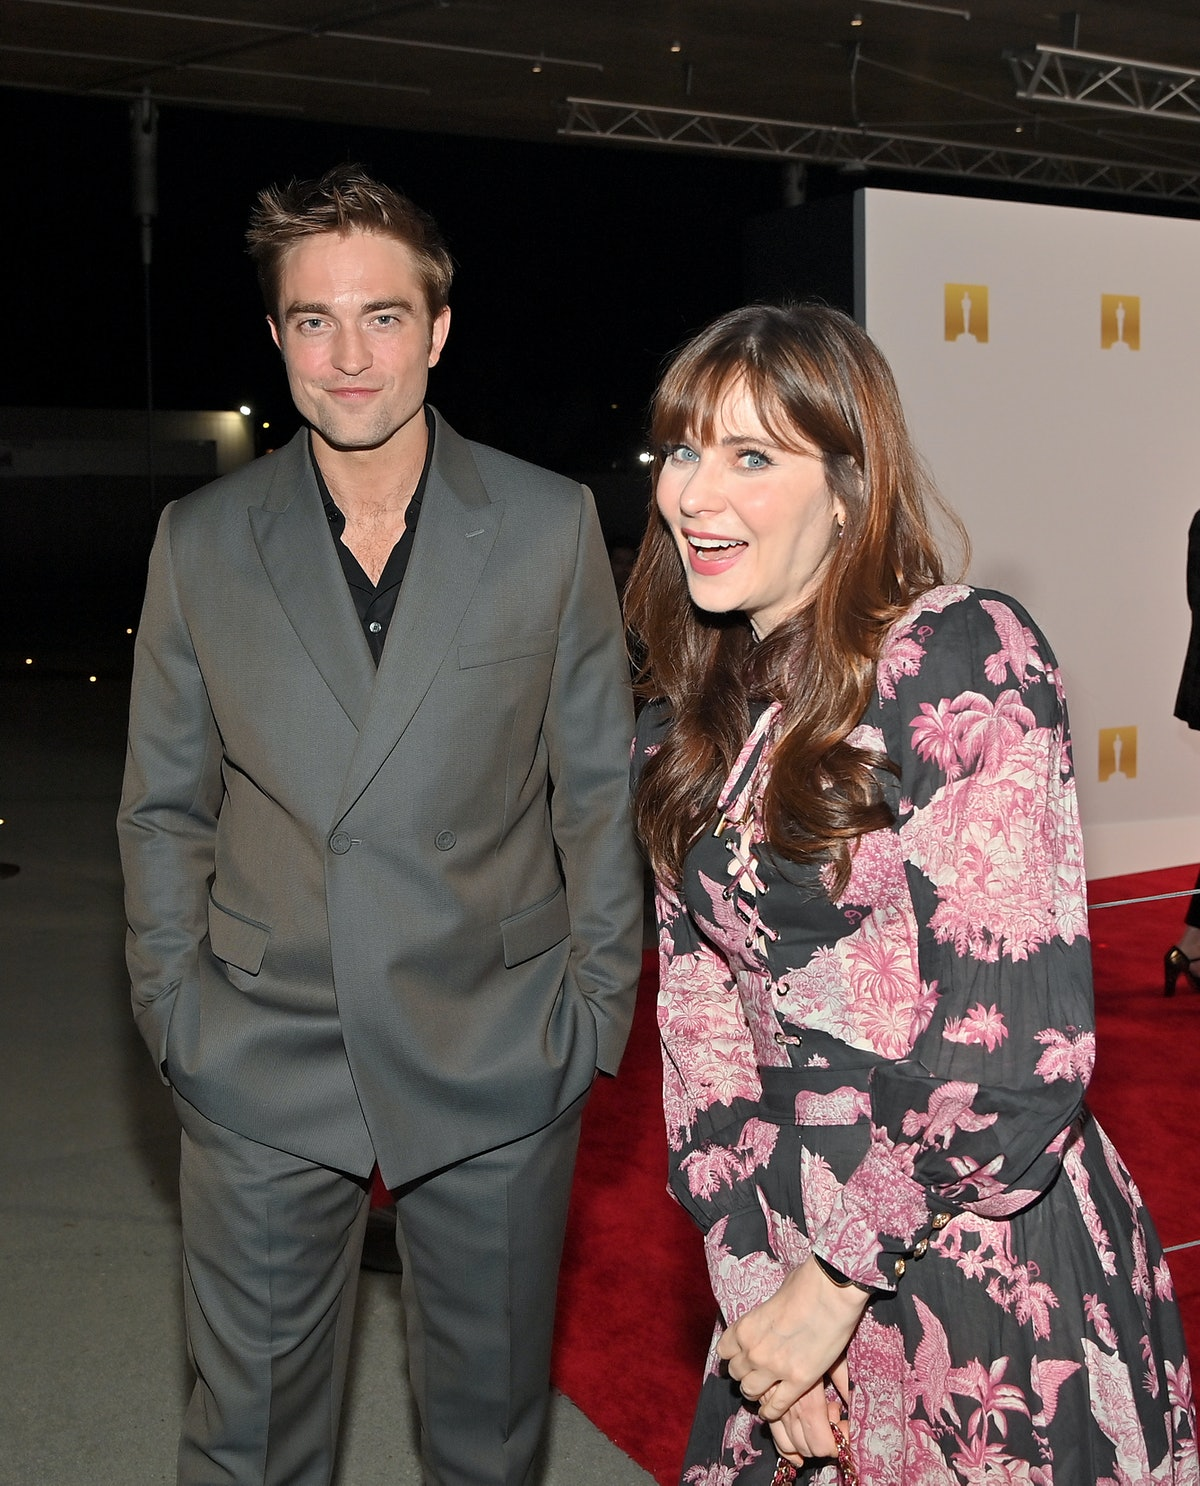 لوس آنجلس ، کالیفرنیا - 29 سپتامبر: (LR) رئیس صندلی موزه فیلم های سینمایی افتتاحیه ...